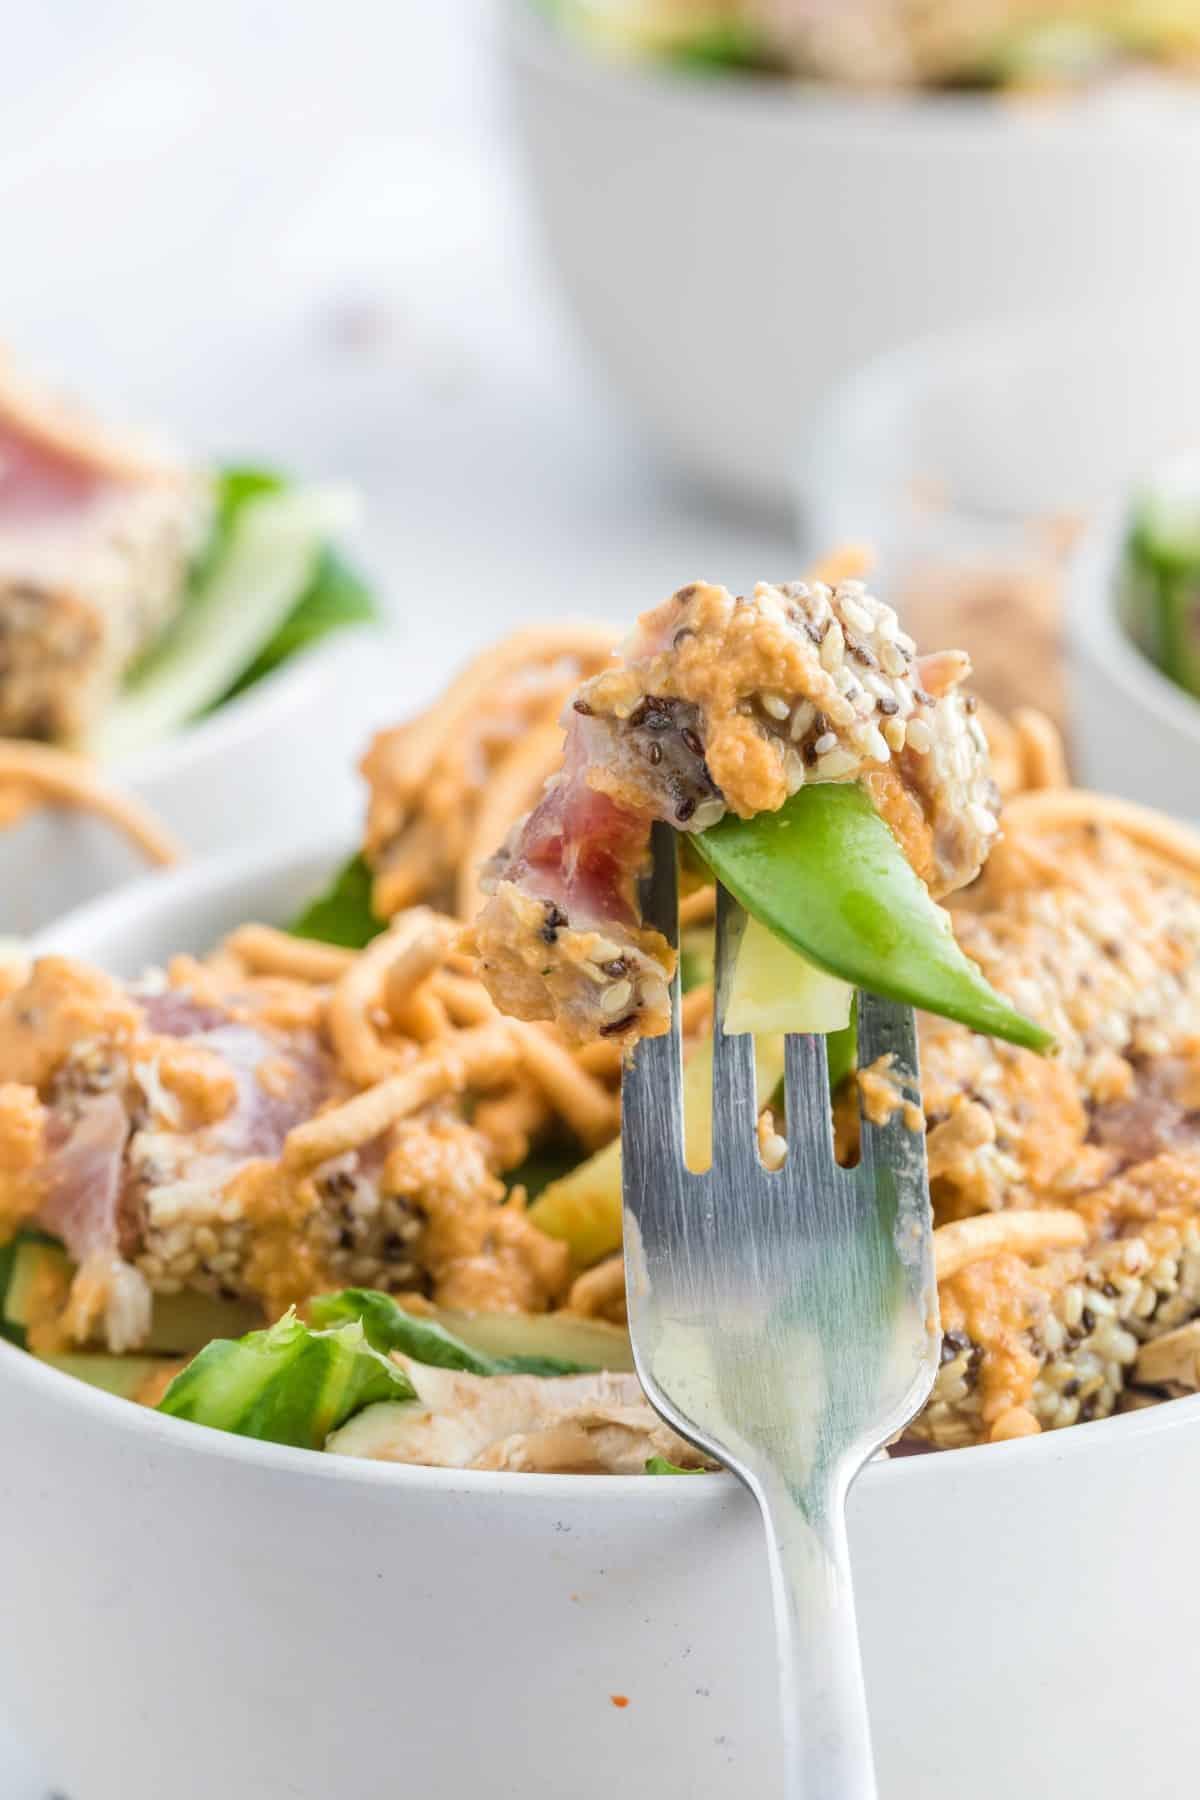 Forkful of Ahi Tuna Salad